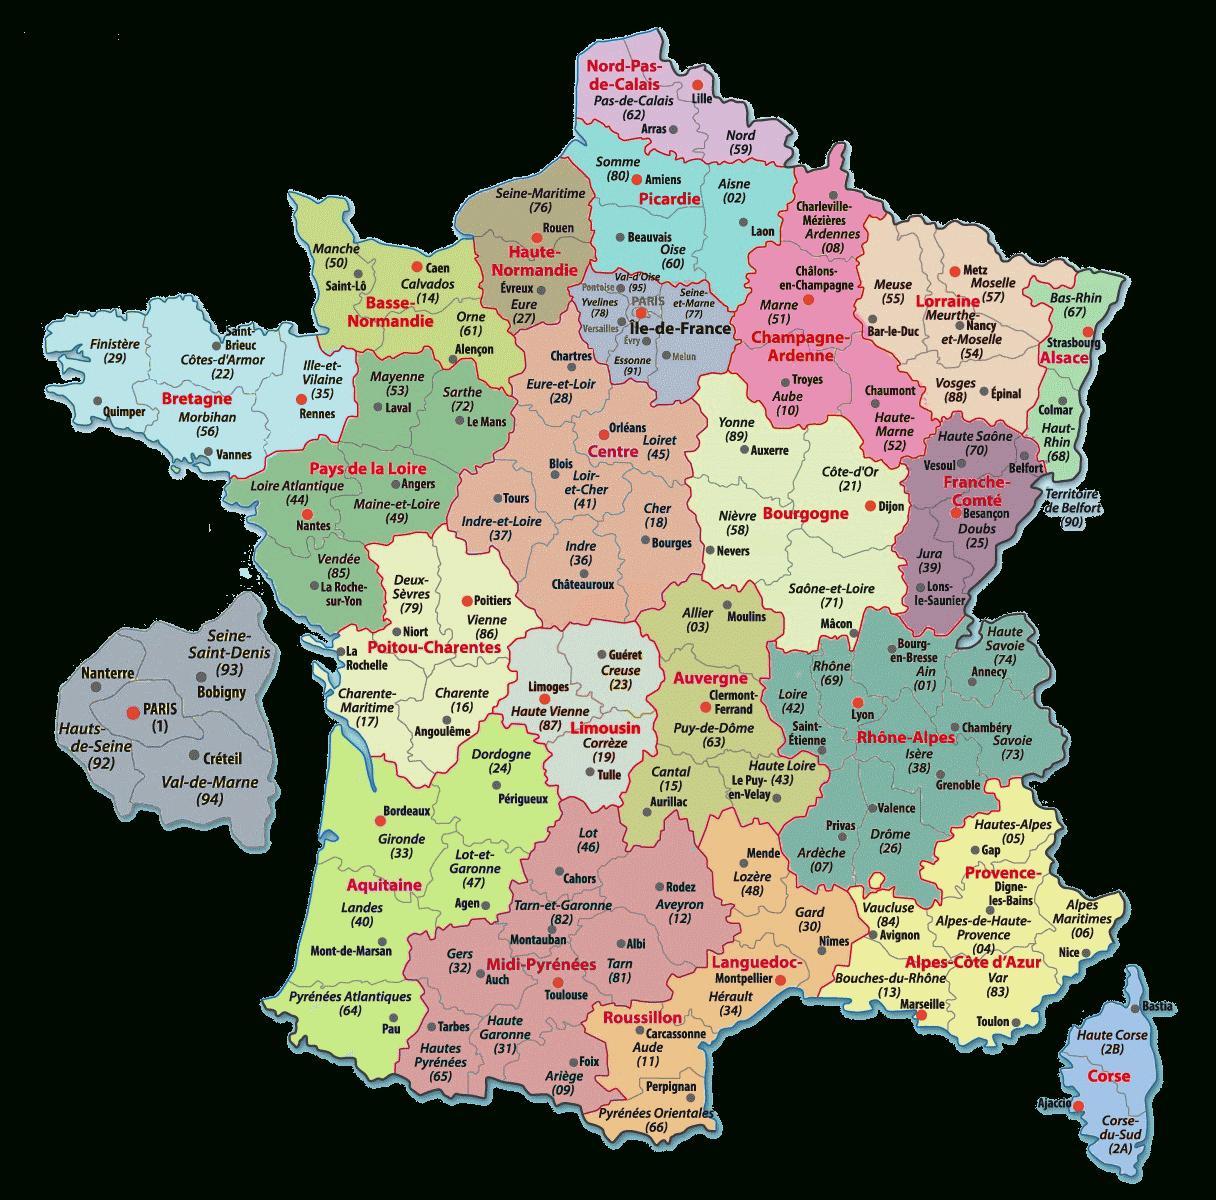 Carte De France Departements : Carte Des Départements De France dedans Les Nouvelles Régions De France